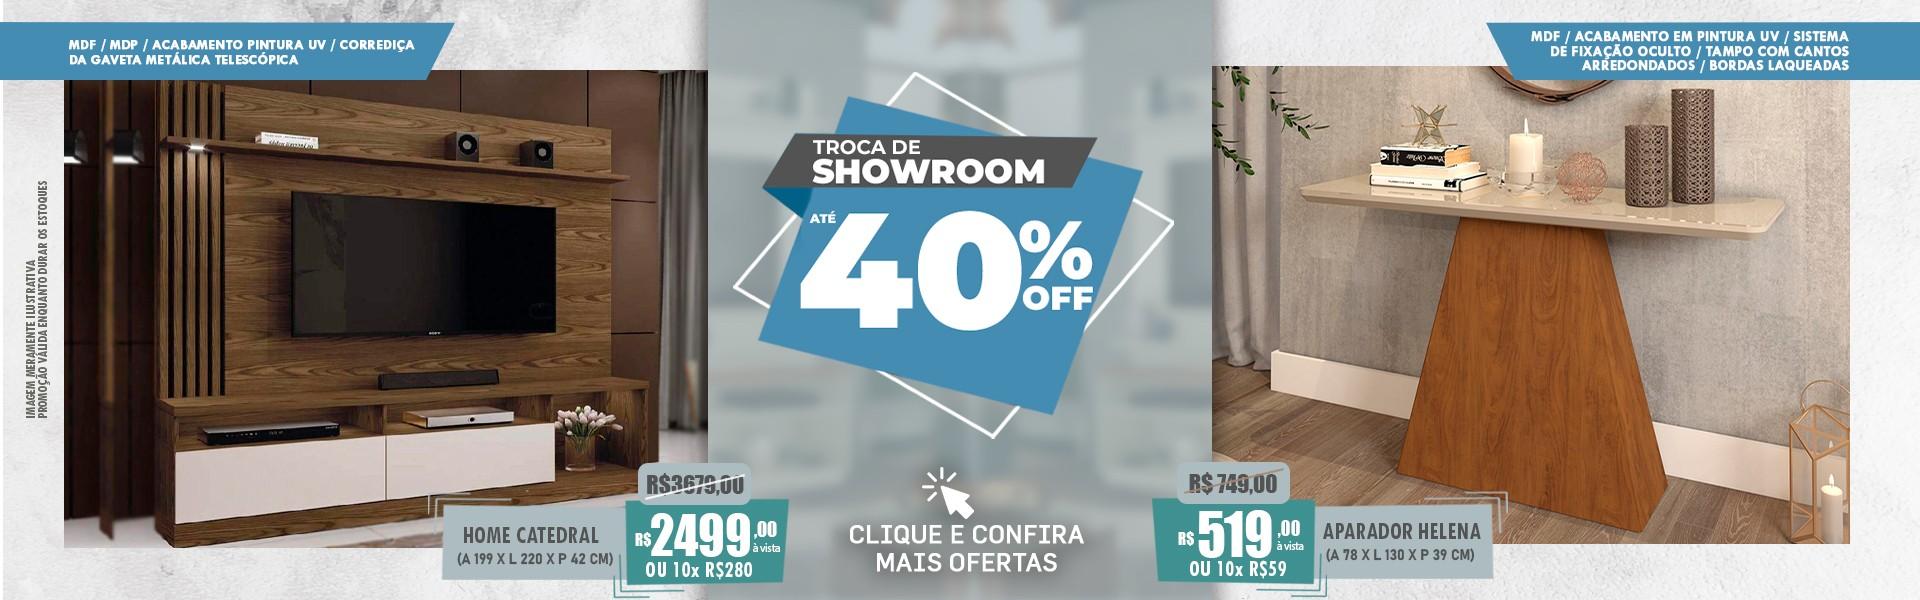 ÚLTIMA SEMANA DA TROCA DE SHOW ROOM! ?